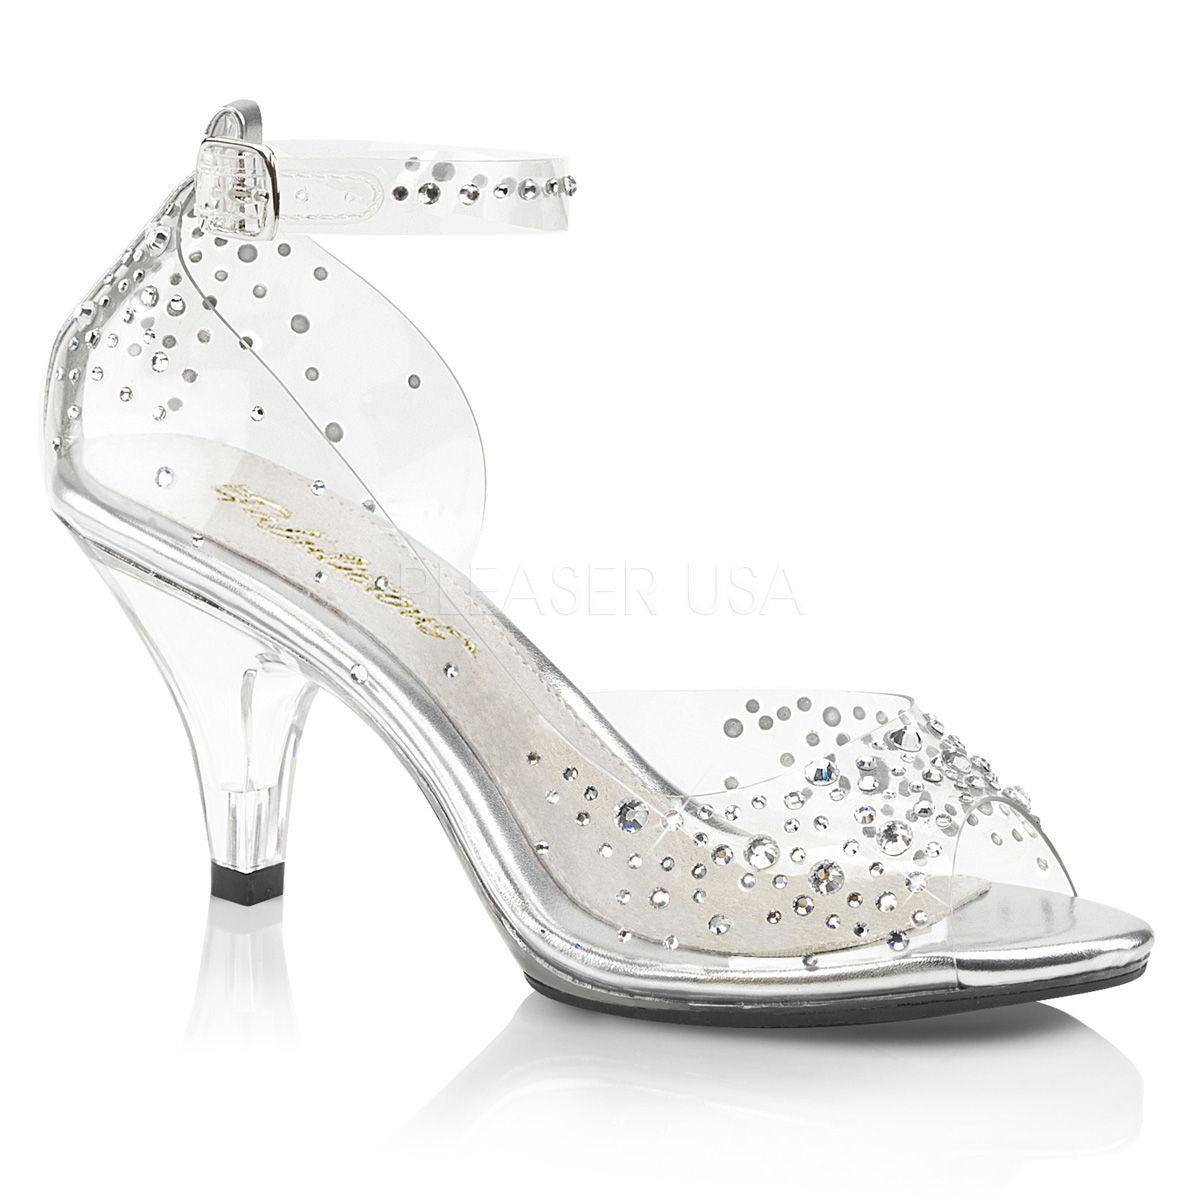 Doris - Zapatillas de danza de Material Sintético para mujer, color plateado, talla 35